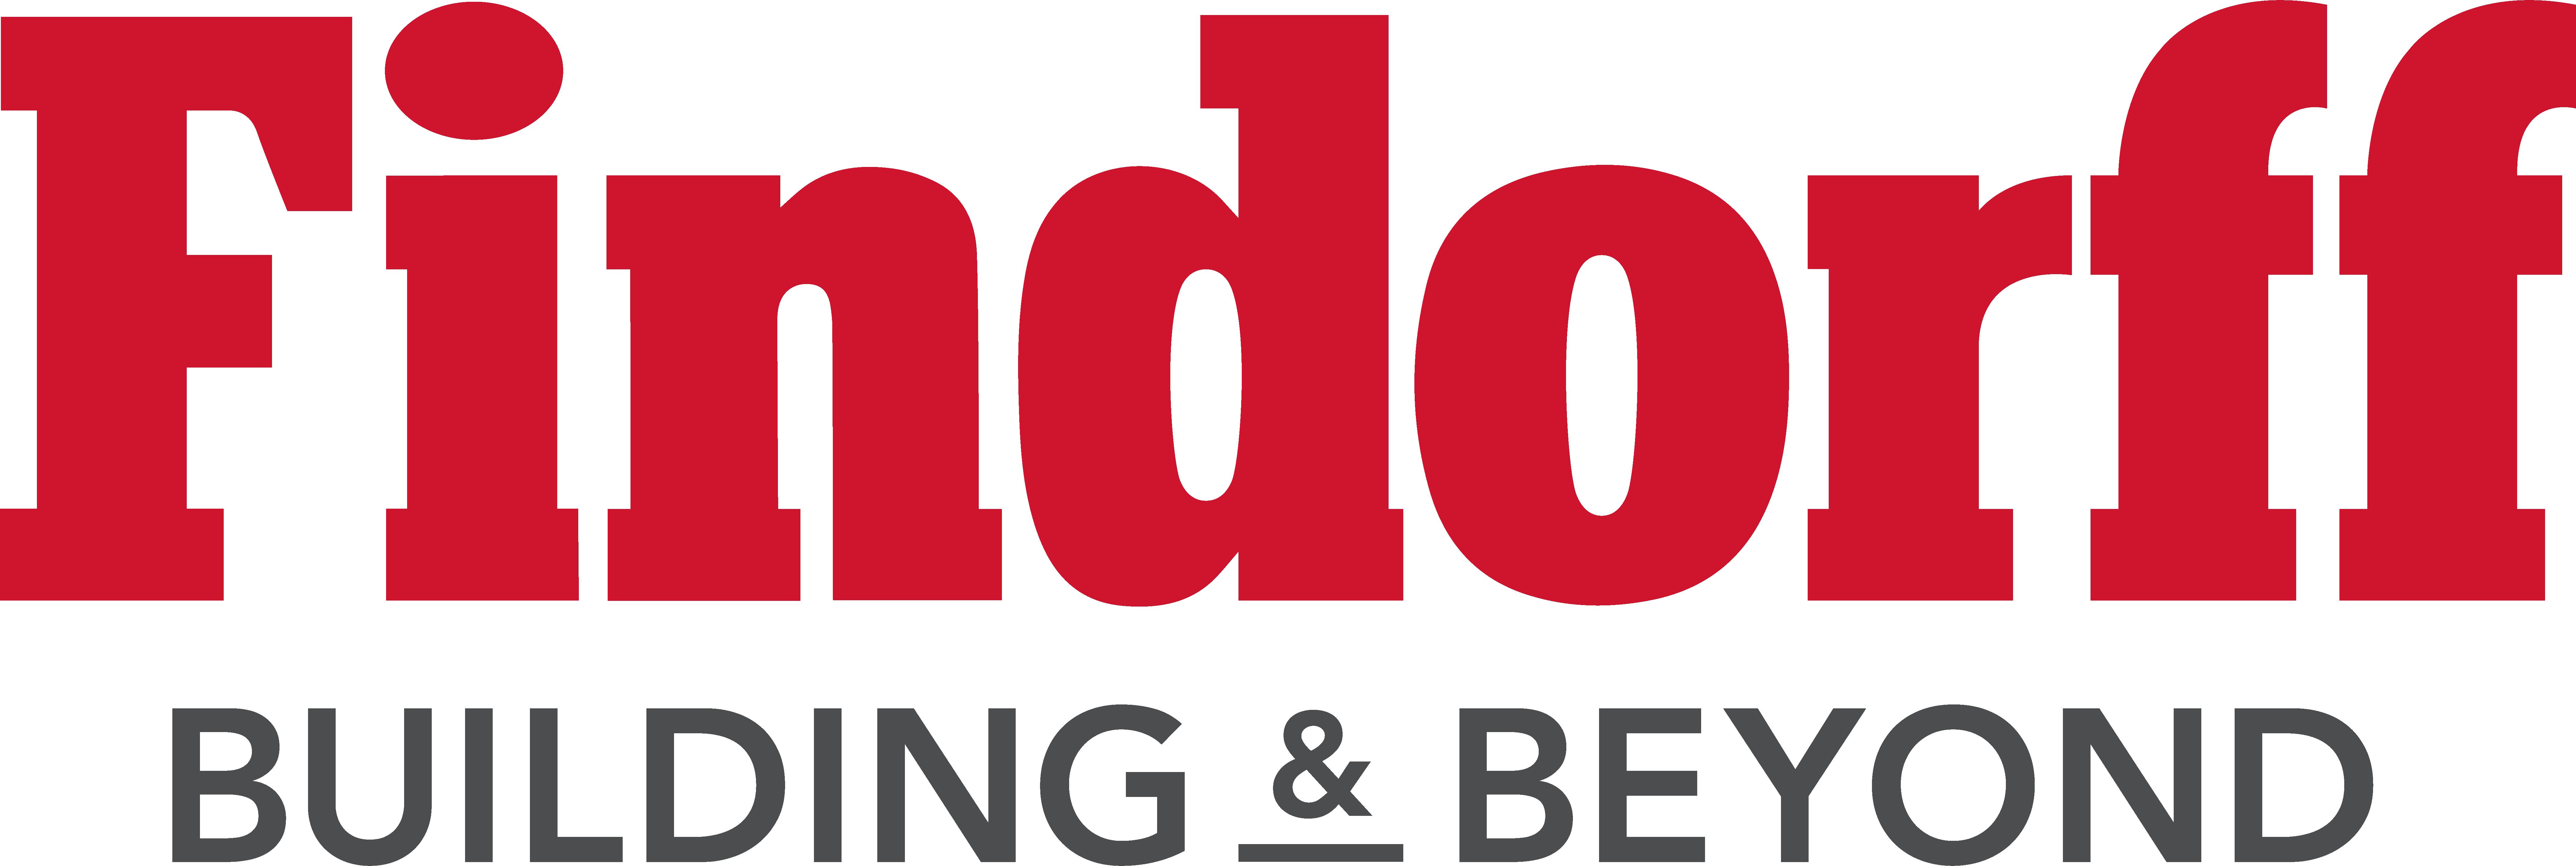 Findorff_Building_Beyond